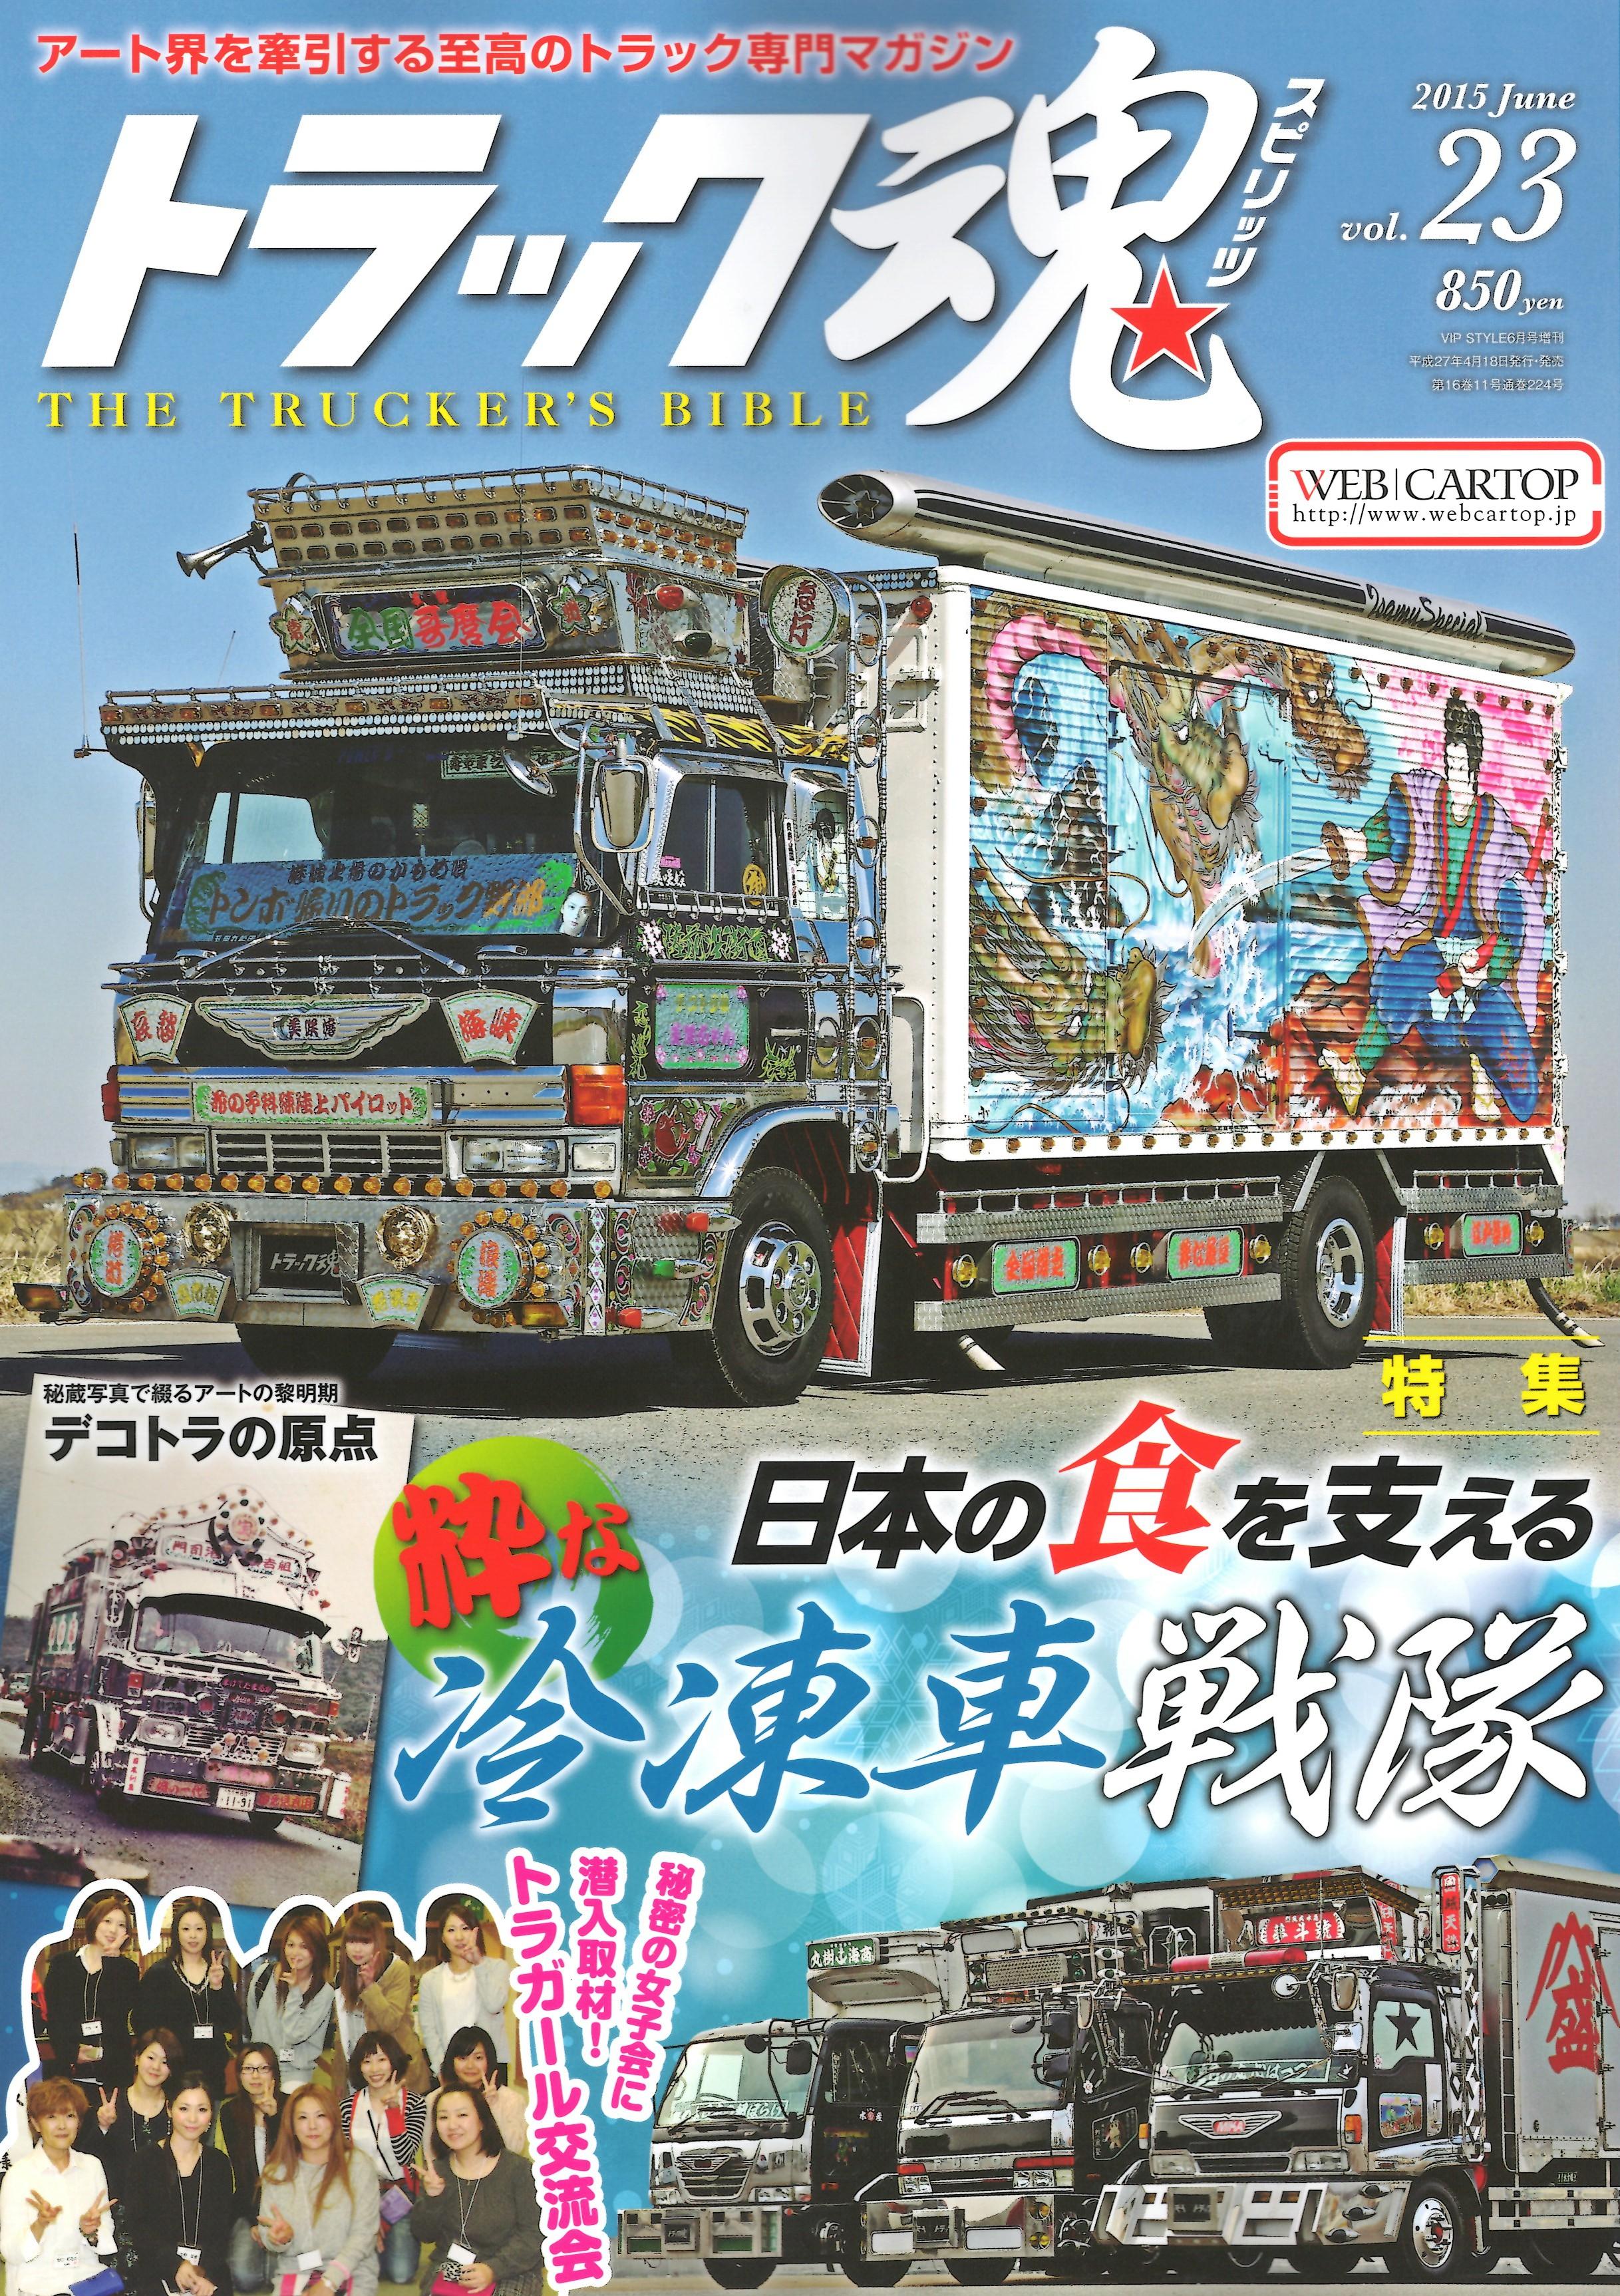 「トラックスピリッツ」2015年6月号(4/18発売)に特集記事が掲載されました。